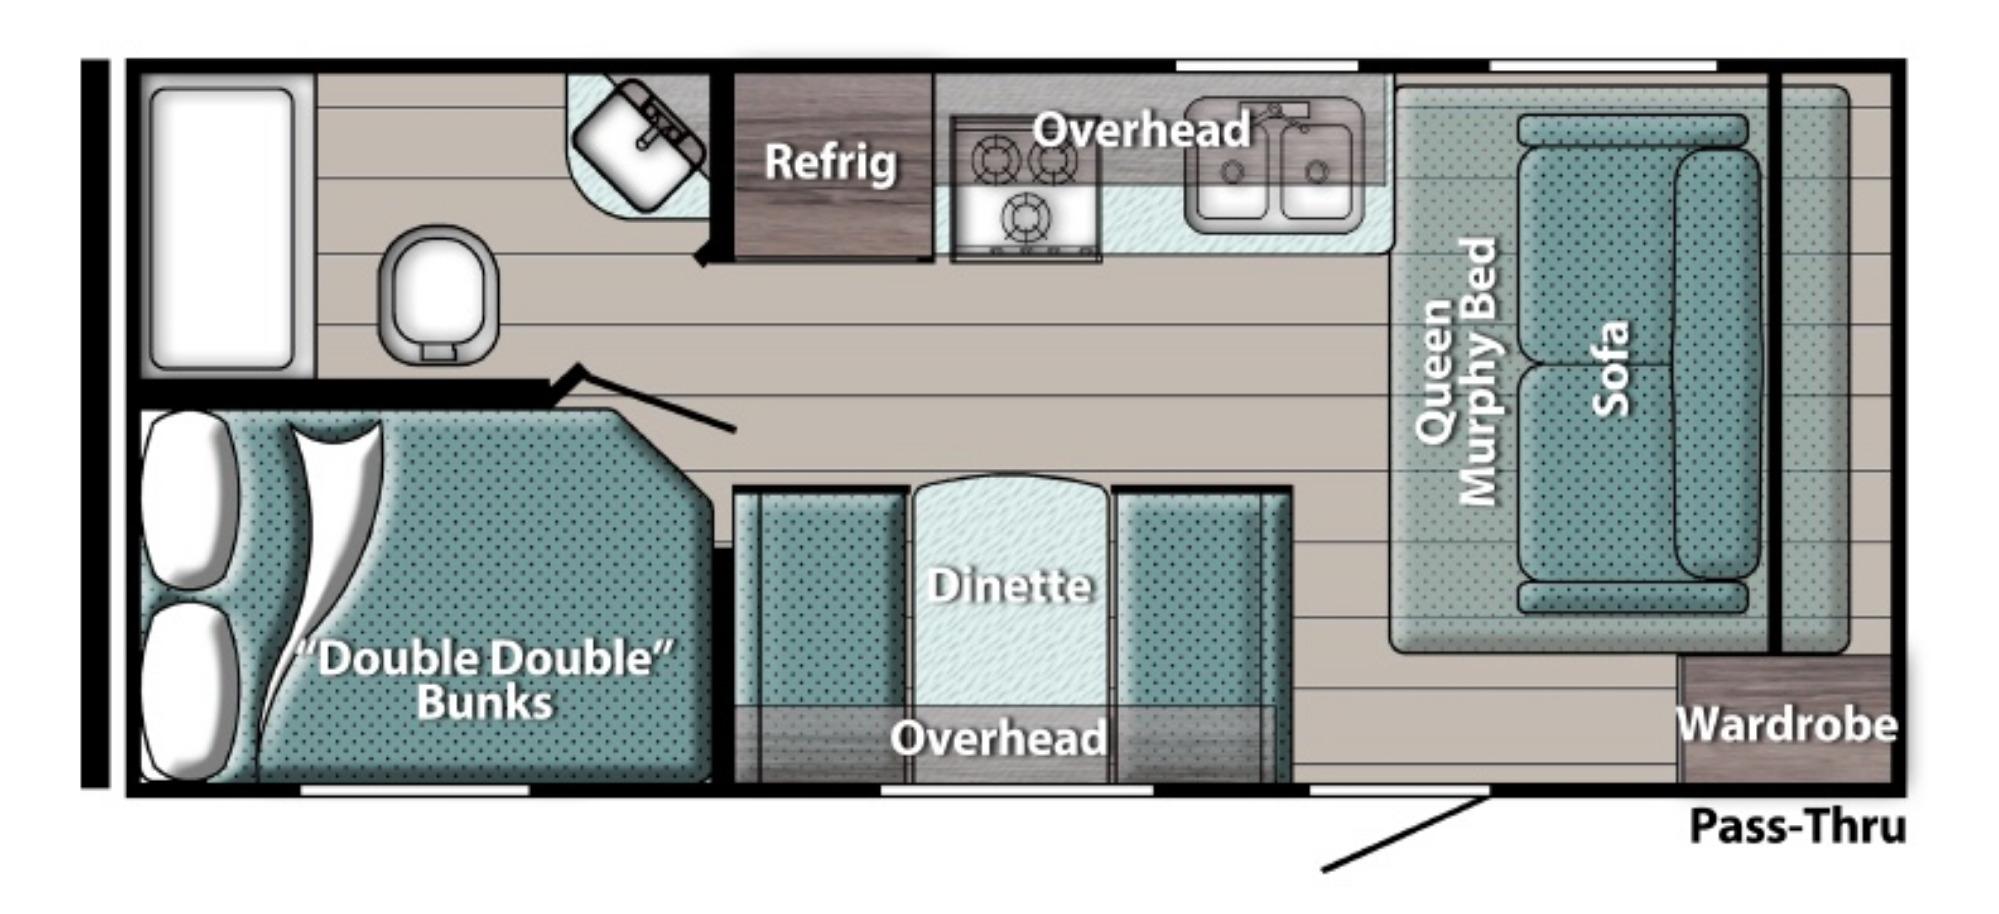 View Floor Plan for 2021 GULF STREAM ENLIGHTEN 19BH